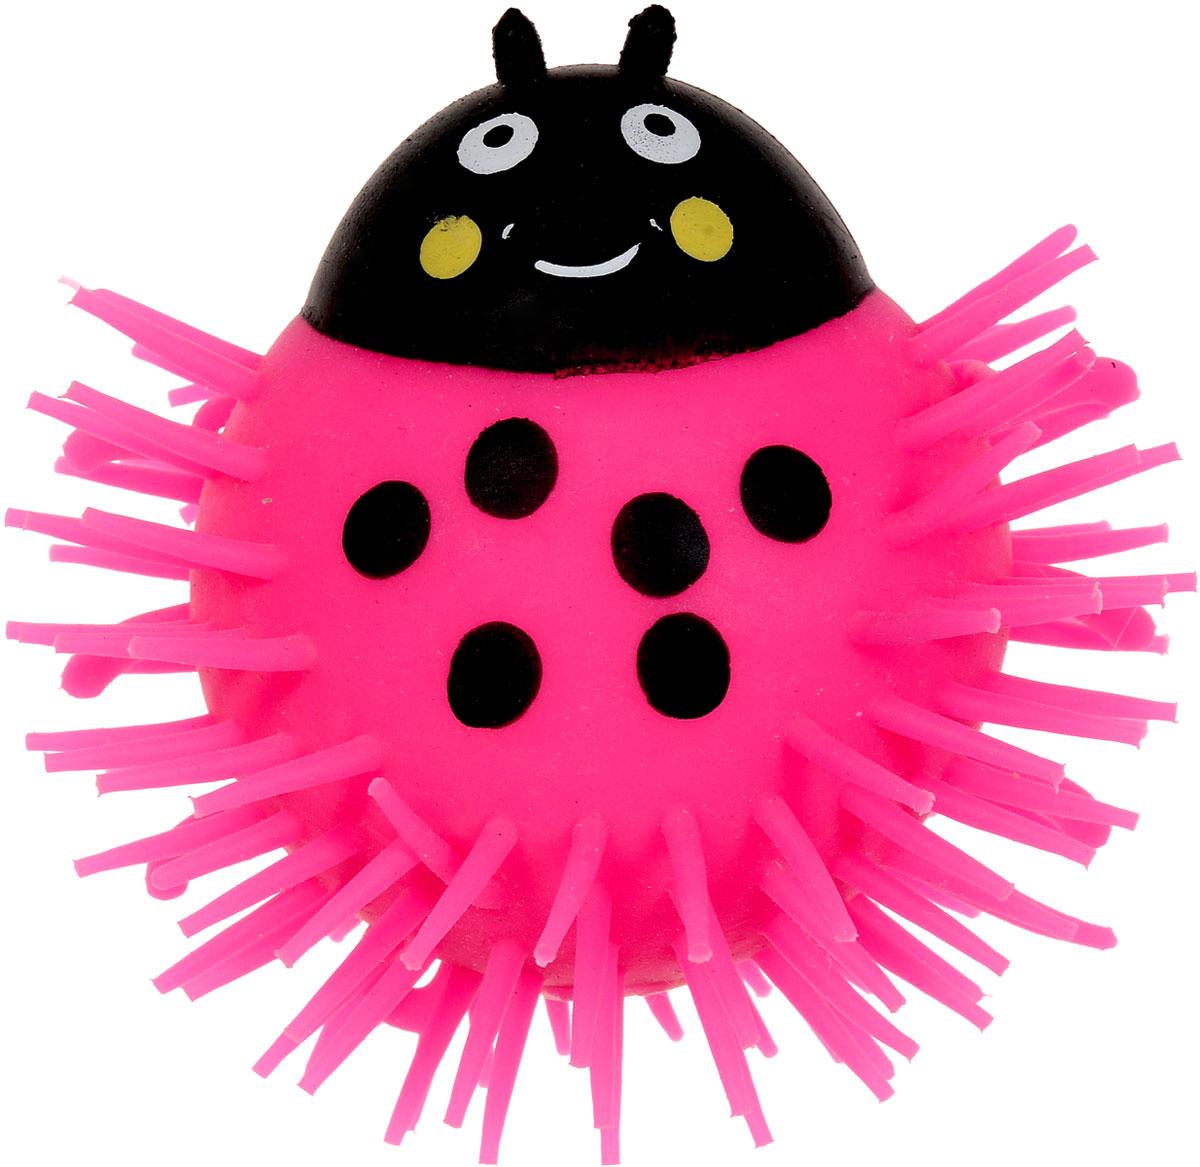 1TOY Игрушка-антистресс Ё-Ёжик Жук цвет розовыйТ56227_розовыйЁ-Ёжик - это яркая игрушка-антистресс - мягкая, приятная на ощупь и напоминающая свернувшегося ёжика. Взяв игрушку в руки, расстаться с ней просто невозможно! Её не только приятно держать в руках, если перекинуть игрушку из руки в руку, она начнёт мигать цветными огоньками. Игрушка розового цвета с черным рисунком и длинными мягкими колючками. Данная игрушка рассчитана на широкую целевую аудиторию, как детей от трёх лет, так и взрослых. Ё-Ёжик обязательно станет самым любимым забавным сувениром. Игрушка работает от незаменяемых батареек.